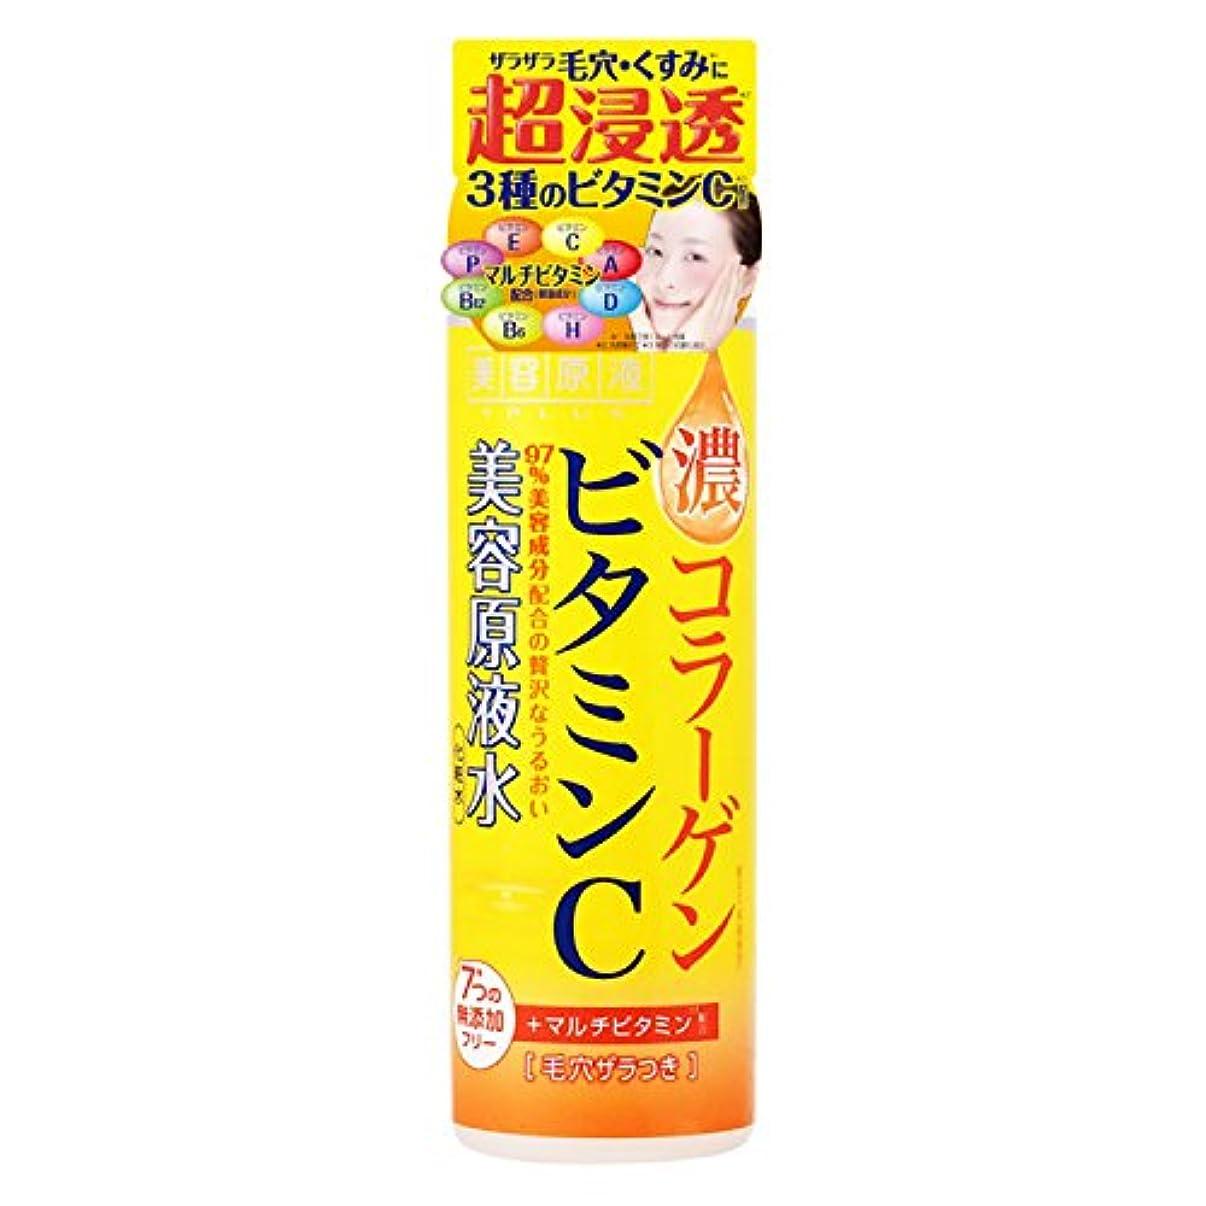 ペルメルメニュー多年生美容原液 超潤化粧水VC 185mL